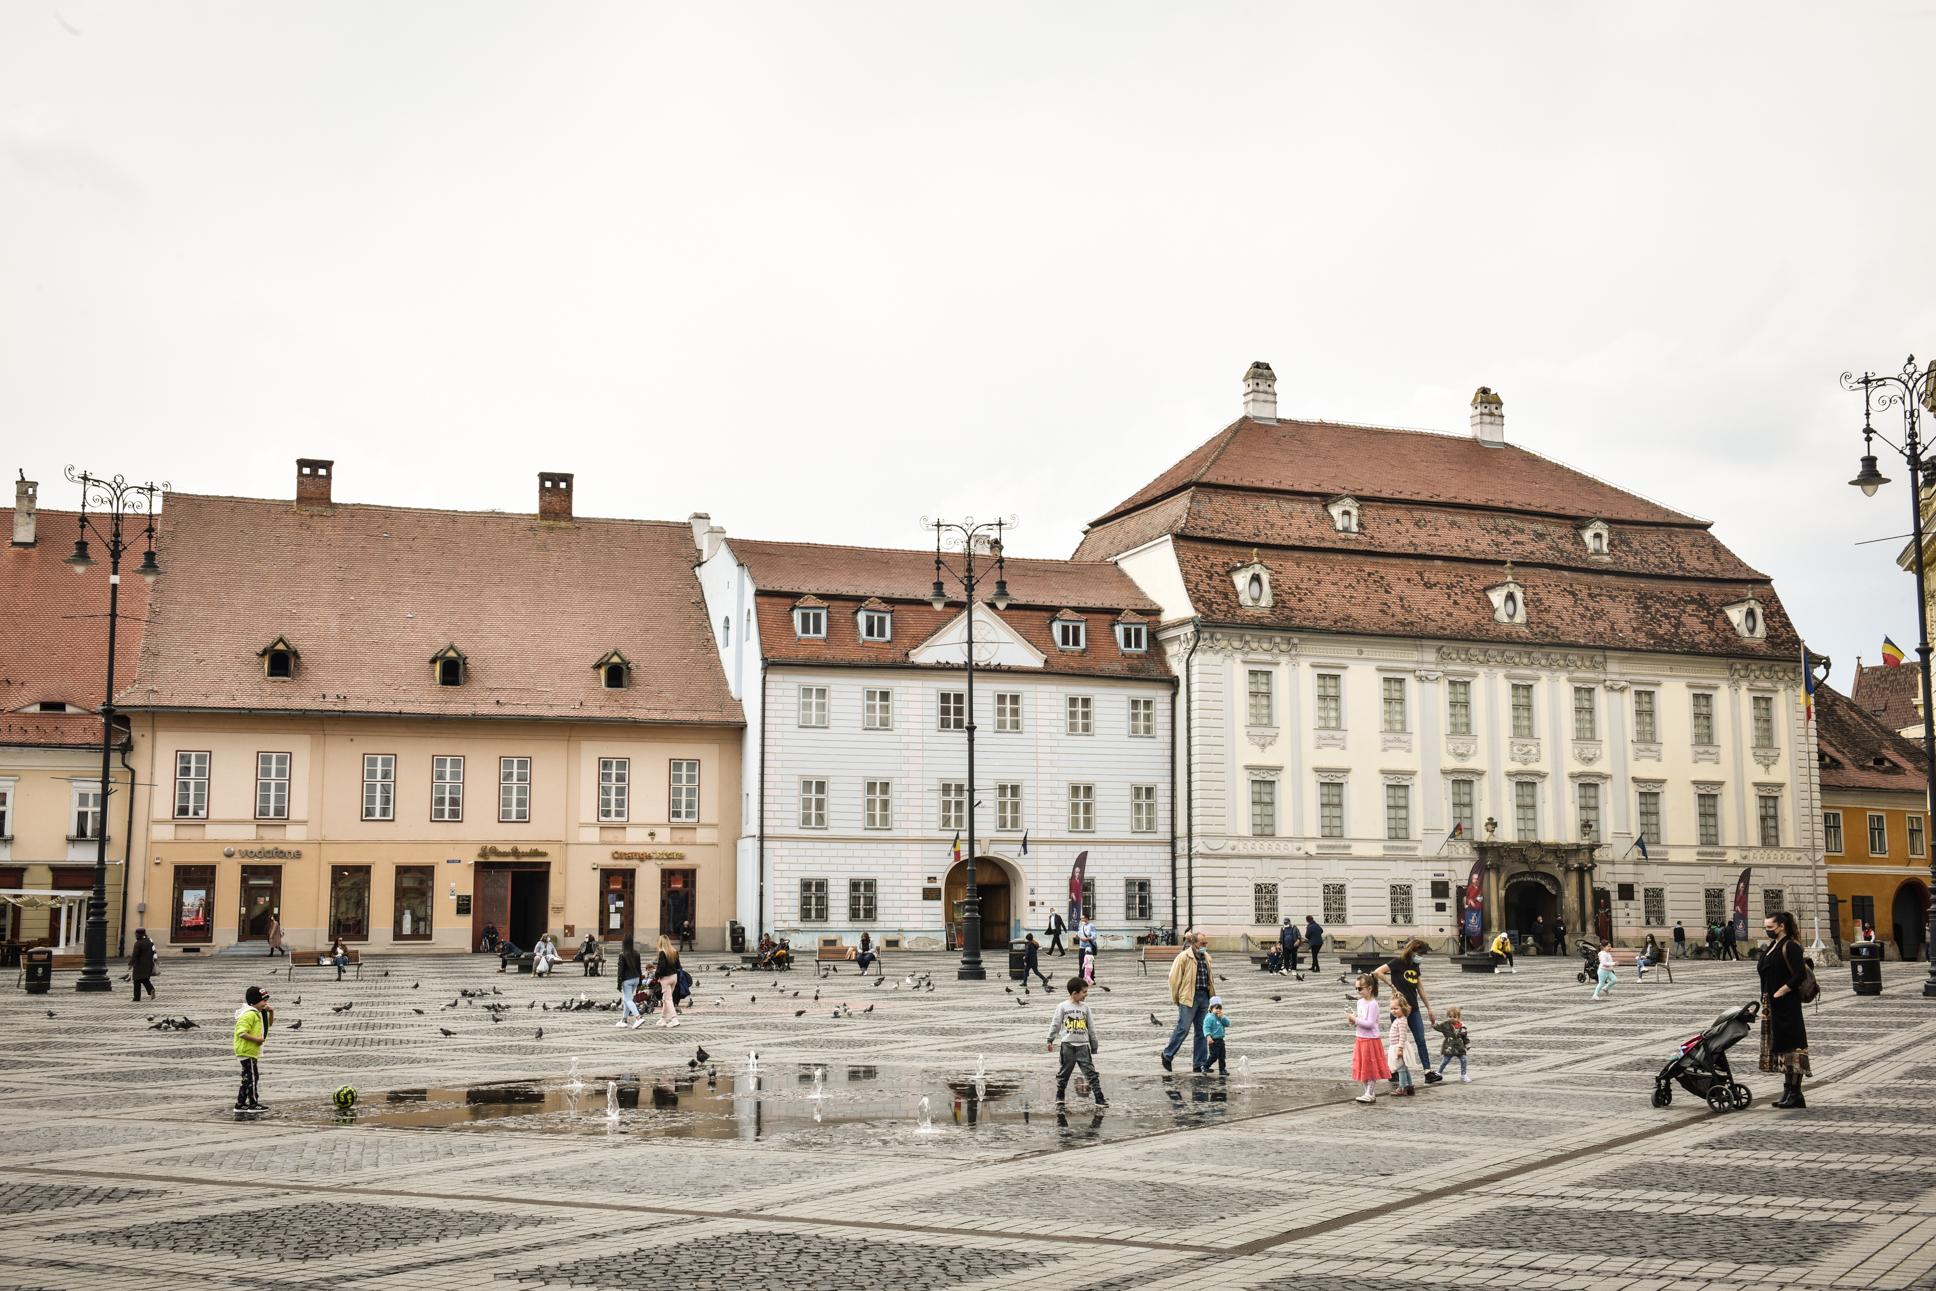 Incidența continuă să scadă: 2,08 în Sibiu, 2,26 în Cisnădie și 1,29 în Șelimbăr